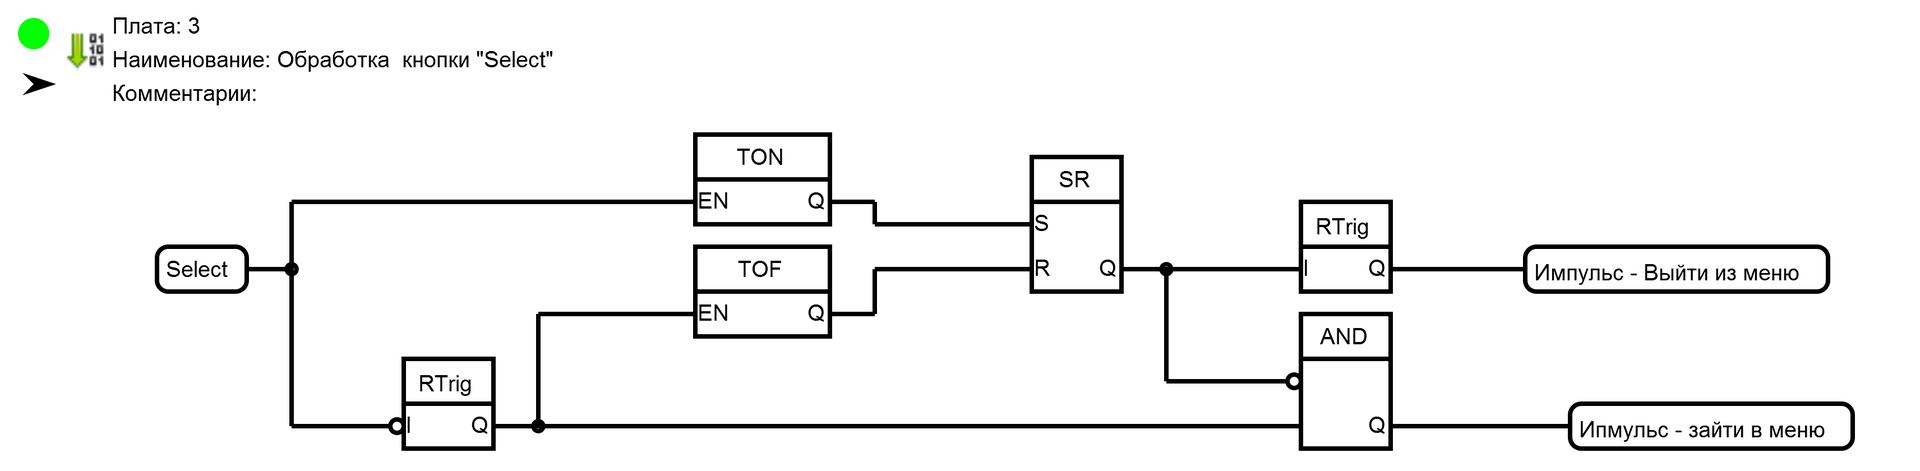 Создание меню с помощью программы FLProg - 11